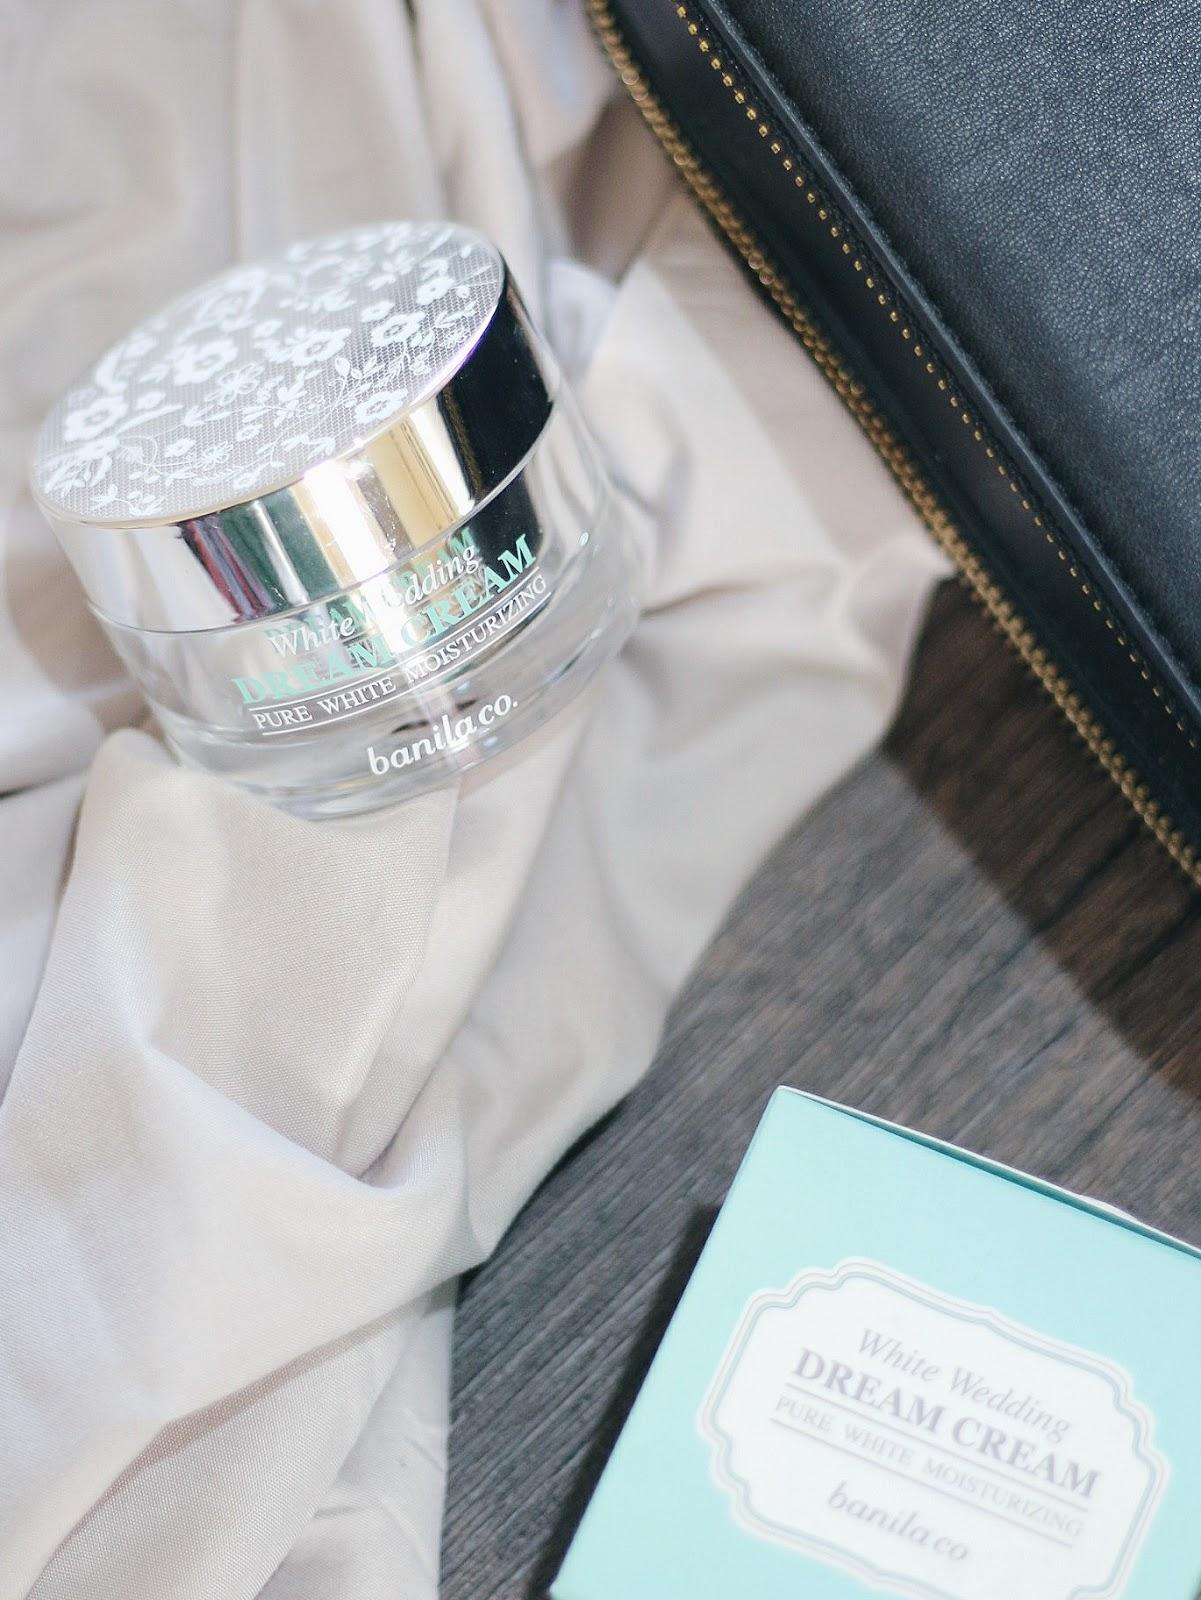 White Wedding Dream Cream Review